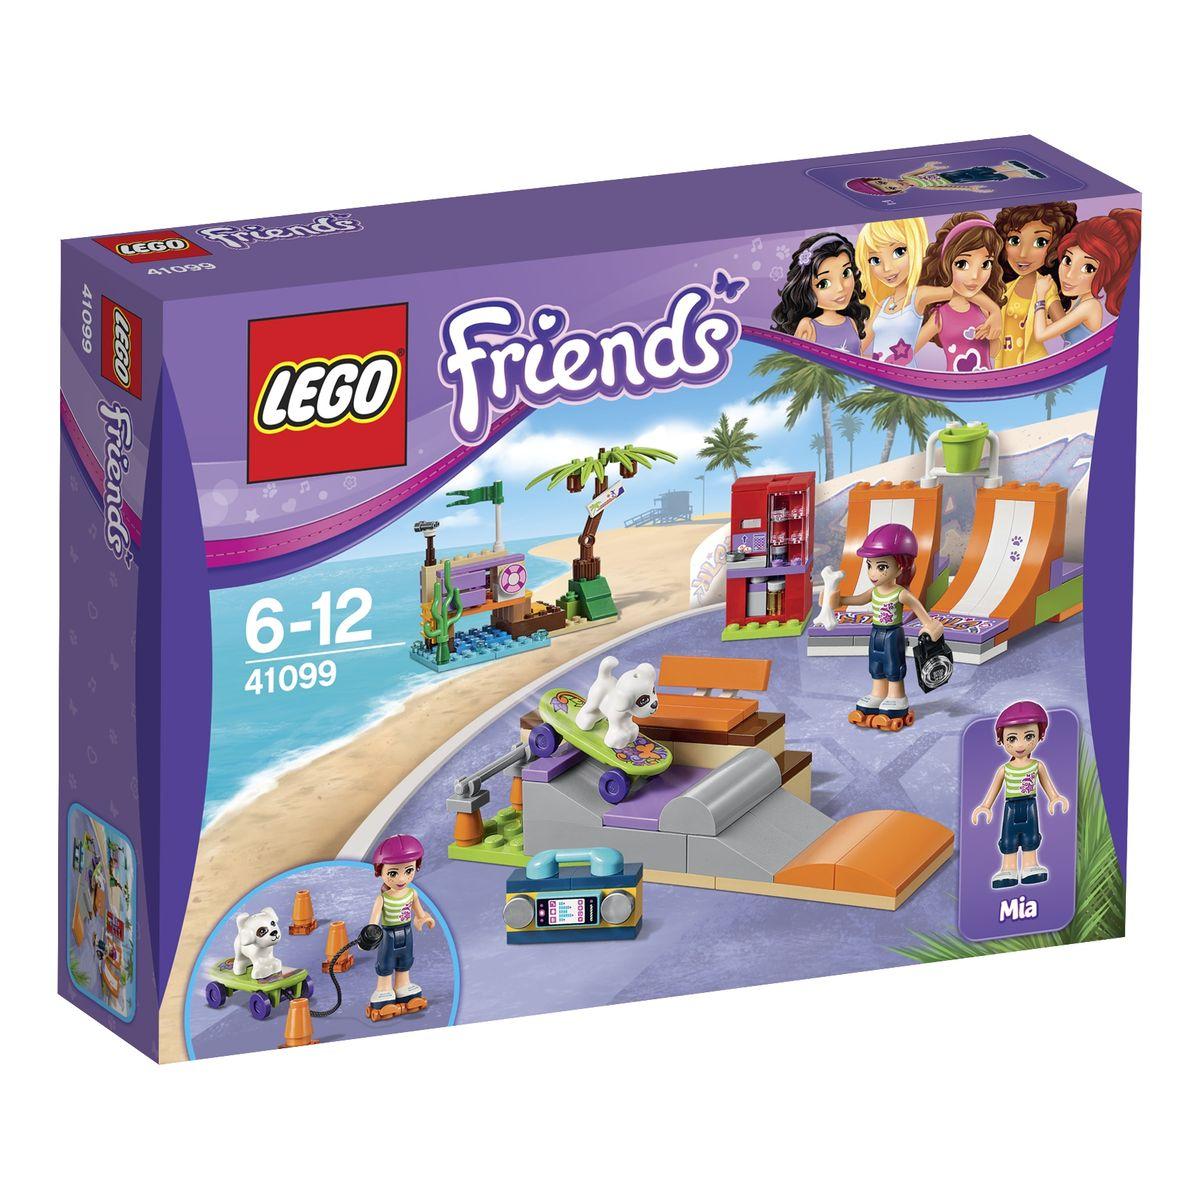 LEGO Friends Конструктор Скейт-парк 4109941099На берегу моря, рядом со спасательной станцией располагается скейт-парт, являющийся излюбленным местом отдыха всех жителей Хартлейк Сити. Здесь можно весело провести время, как в компании друзей, так и в паре с любимым питомцем. Девочка Мия из набора LEGO 41099 пришла в парк вместе со своим белым щенком. Он очень послушный и сообразительный, а самое главное, он так же, как и хозяйка уверенно держится на скейте. Для всех посетителей парка открыты несколько трасс для катания разного уровня сложности. Первый - это две симметричные оранжевые горки, которые можно использовать отдельно друг от друга или объединить в одну классическую рампу. Вторая трасса представляет собой полосу препятствий с выступами и спусками, которые можно преодолевать как на скейтборде, так и на роликах. Также для удобства спортсменов на территории парка установлена деревянная скамейка для отдыха и ярко-красный автомат по продаже прохладительных напитков. В наборе вы найдете фигурку Мии и ее щенка, а также...